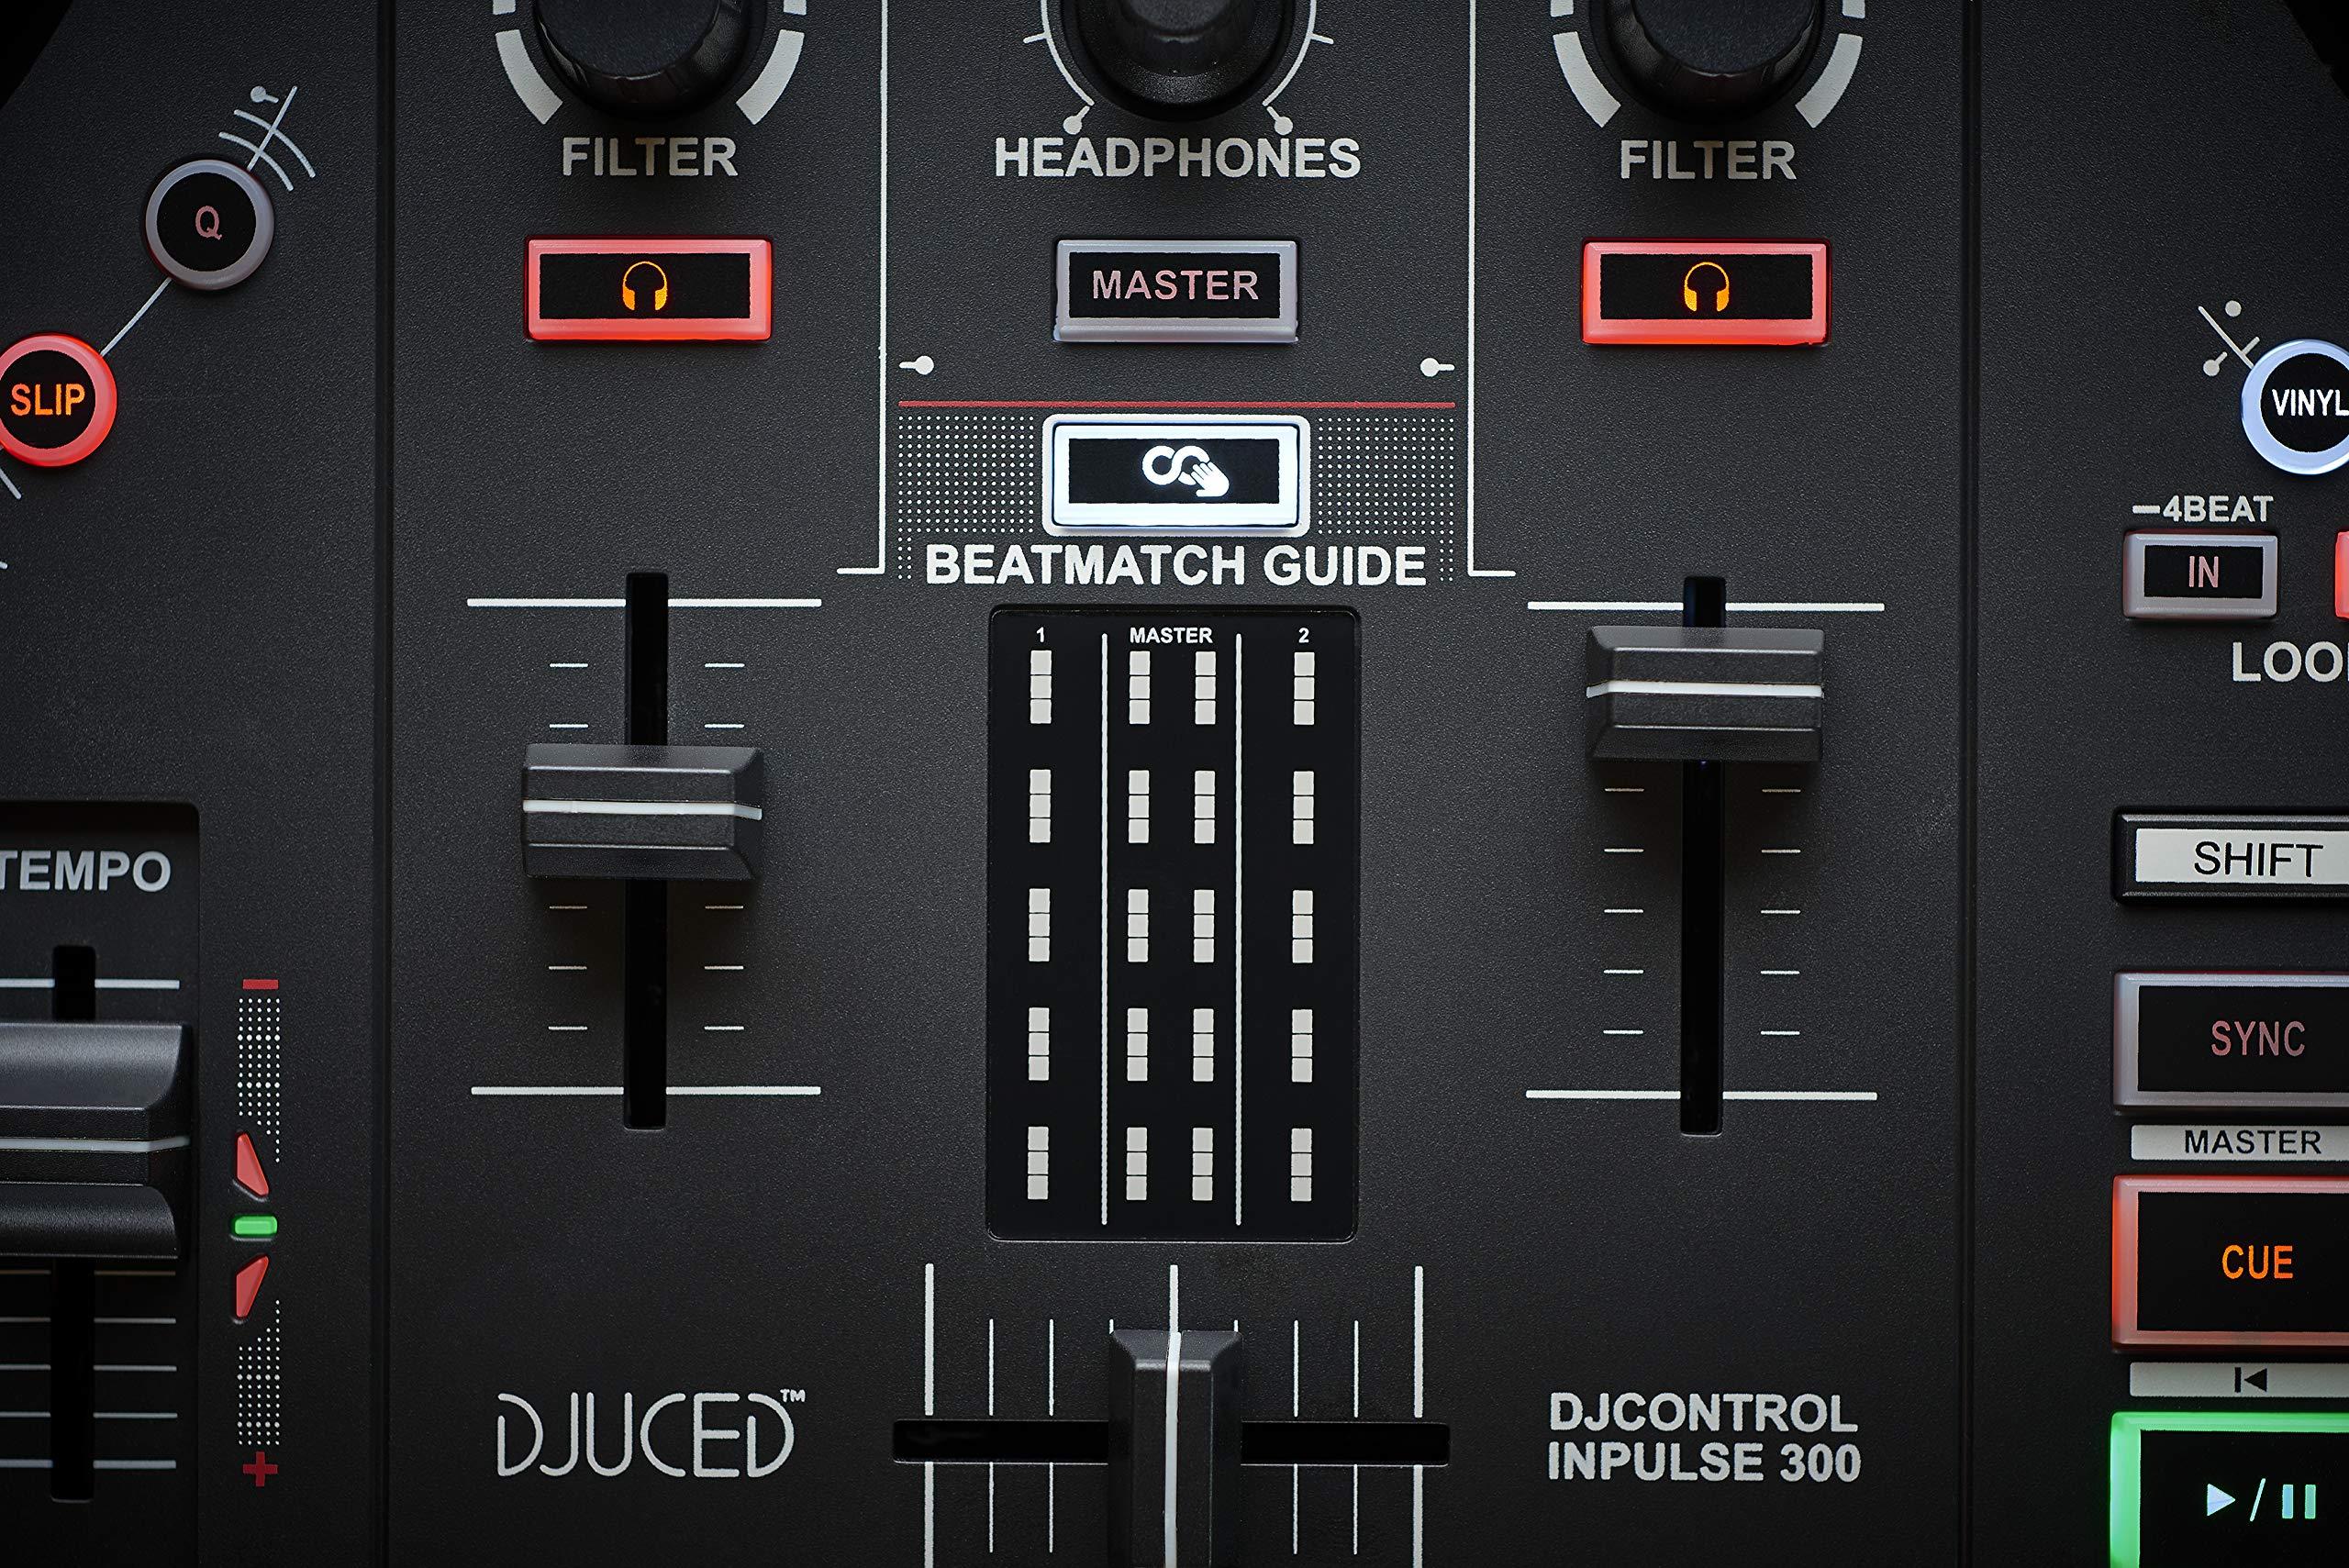 Hercules DJ Control Inpulse 300 (AMS-DJC-INPULSE-300) by Hercules DJ (Image #4)